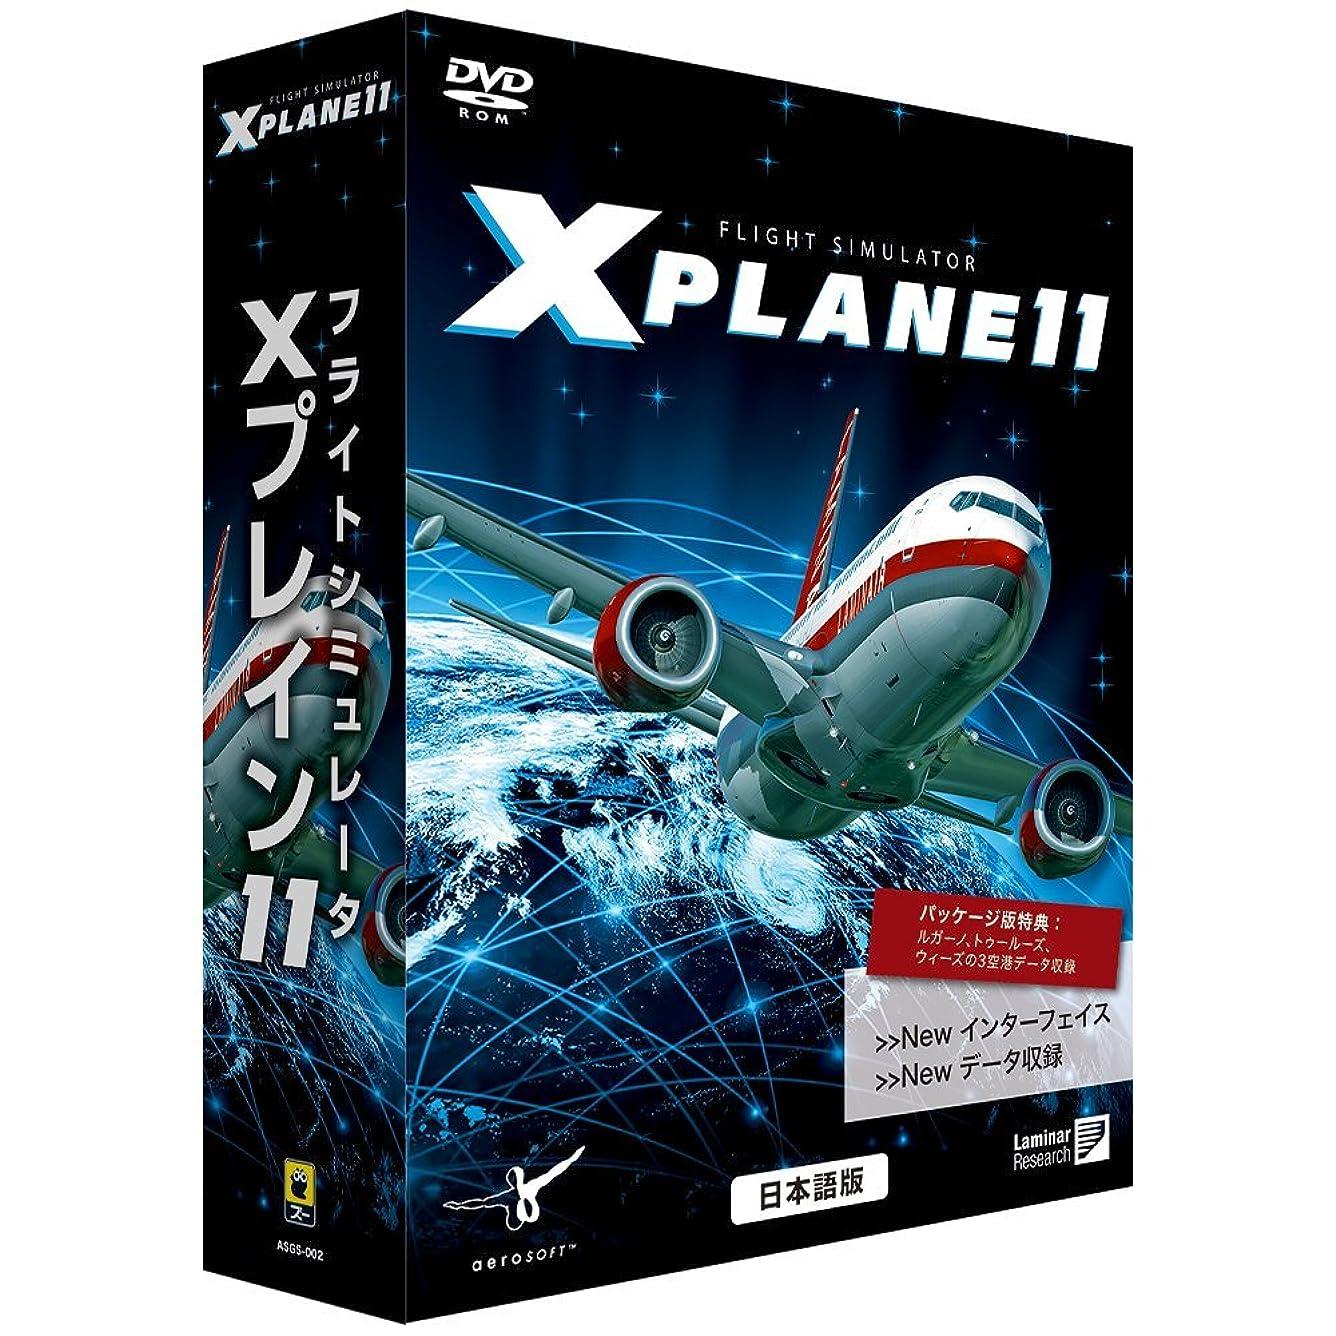 ハロウィン輸血オアシスズー フライトシミュレータ Xプレイン10 日本語 価格改定版